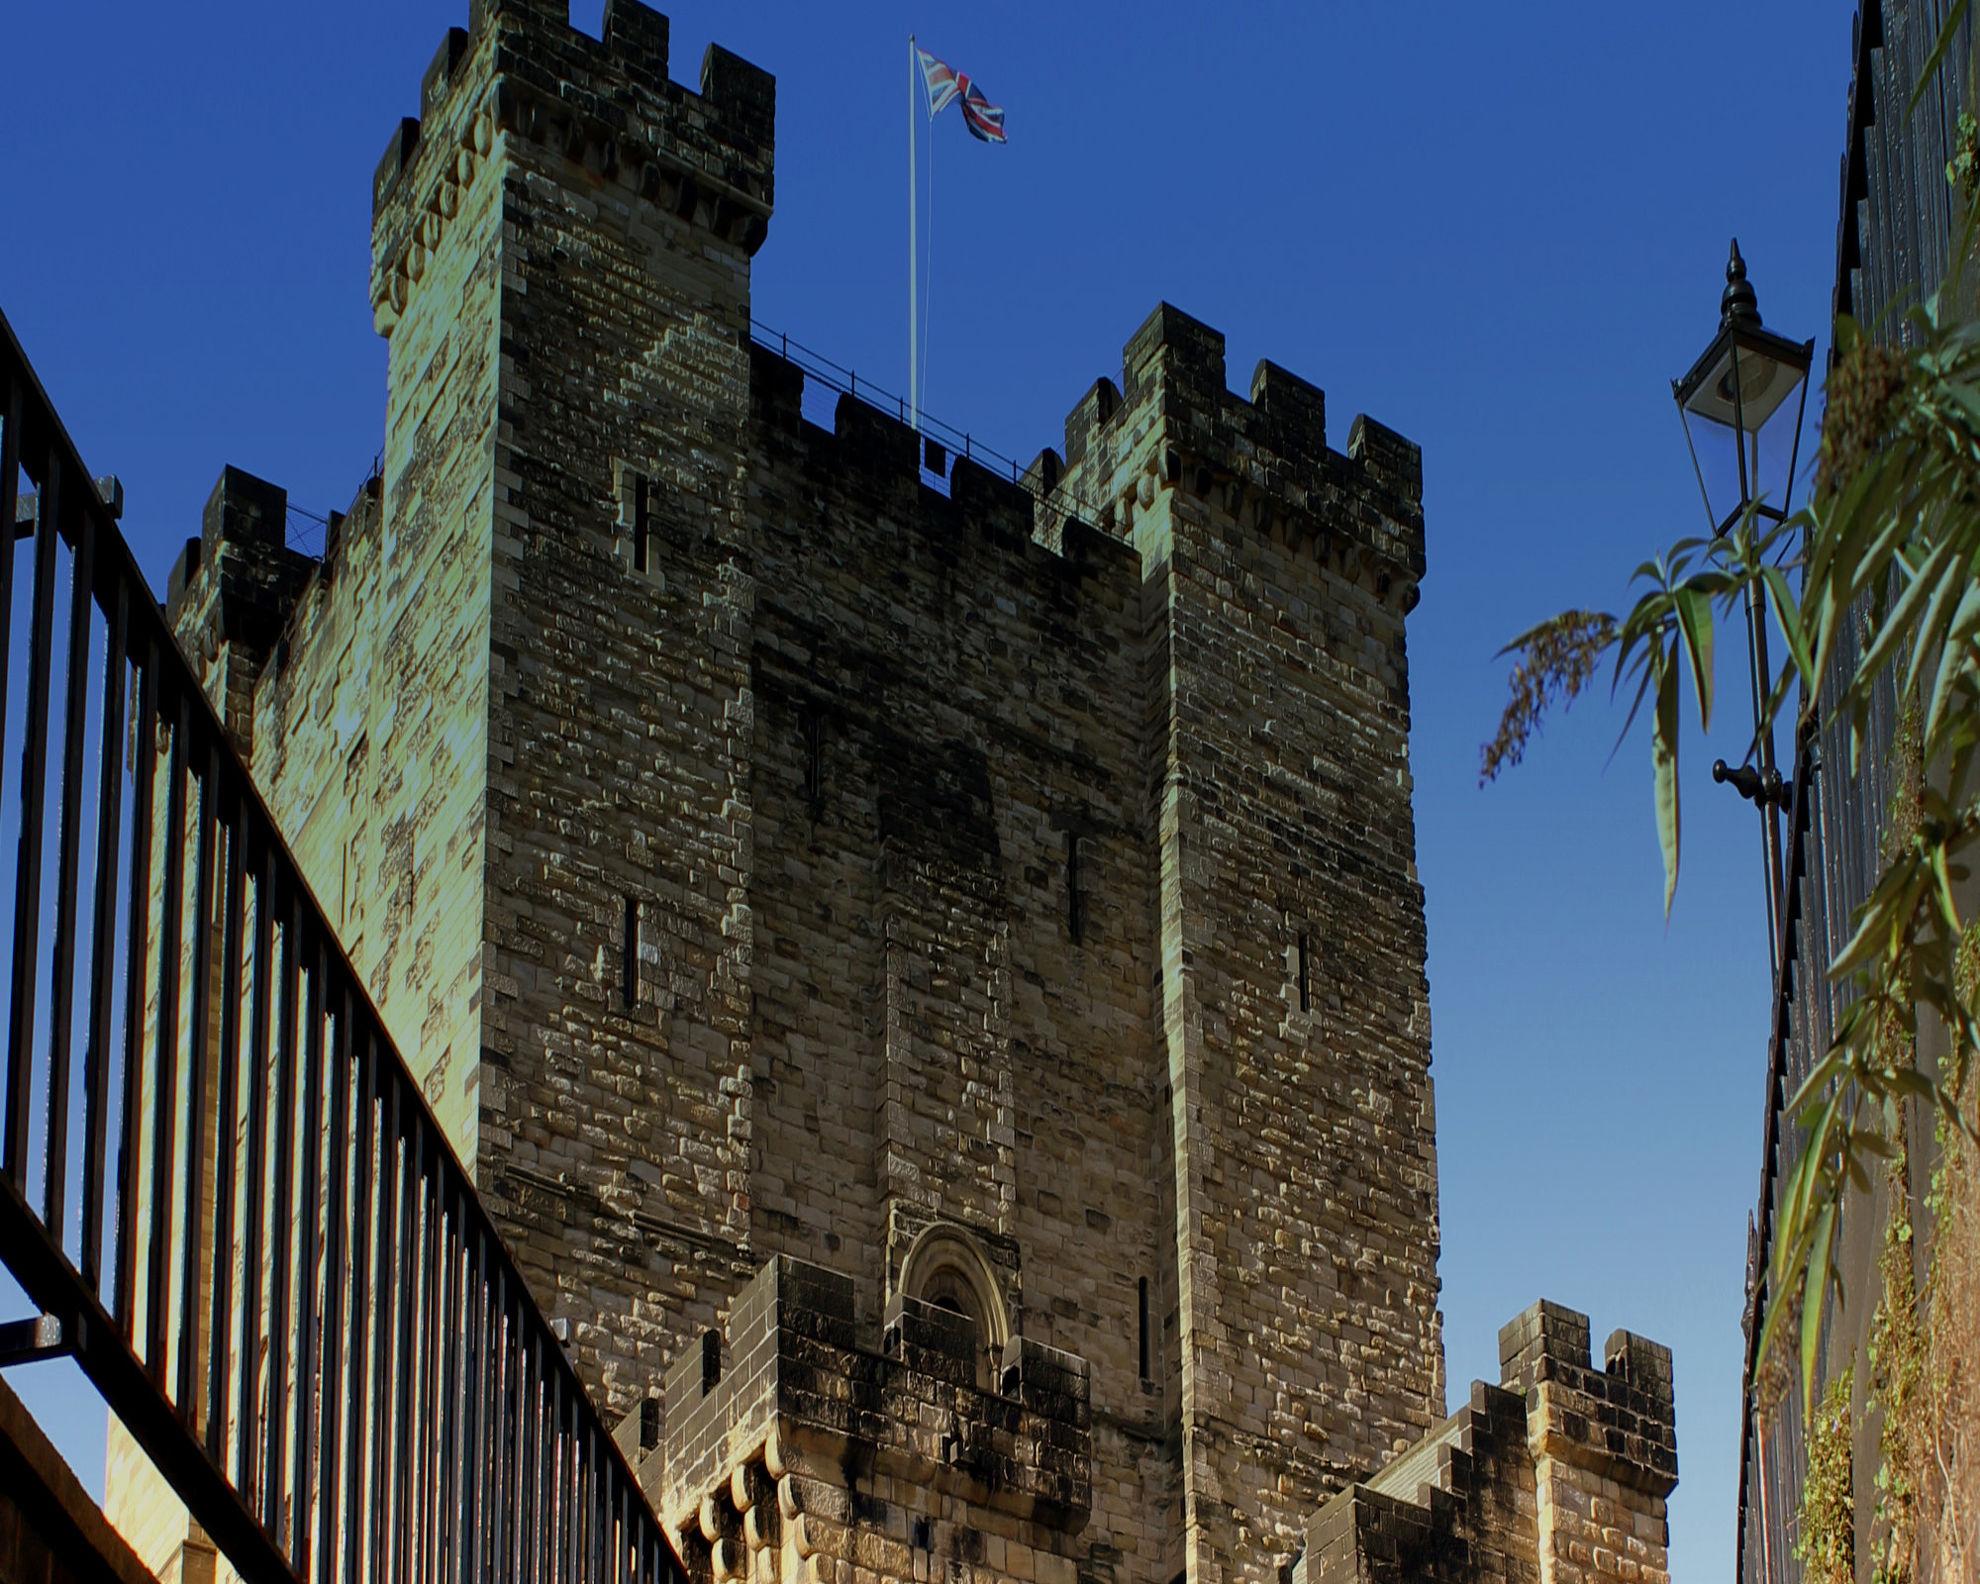 Explore The Castle Keep & Black Gate